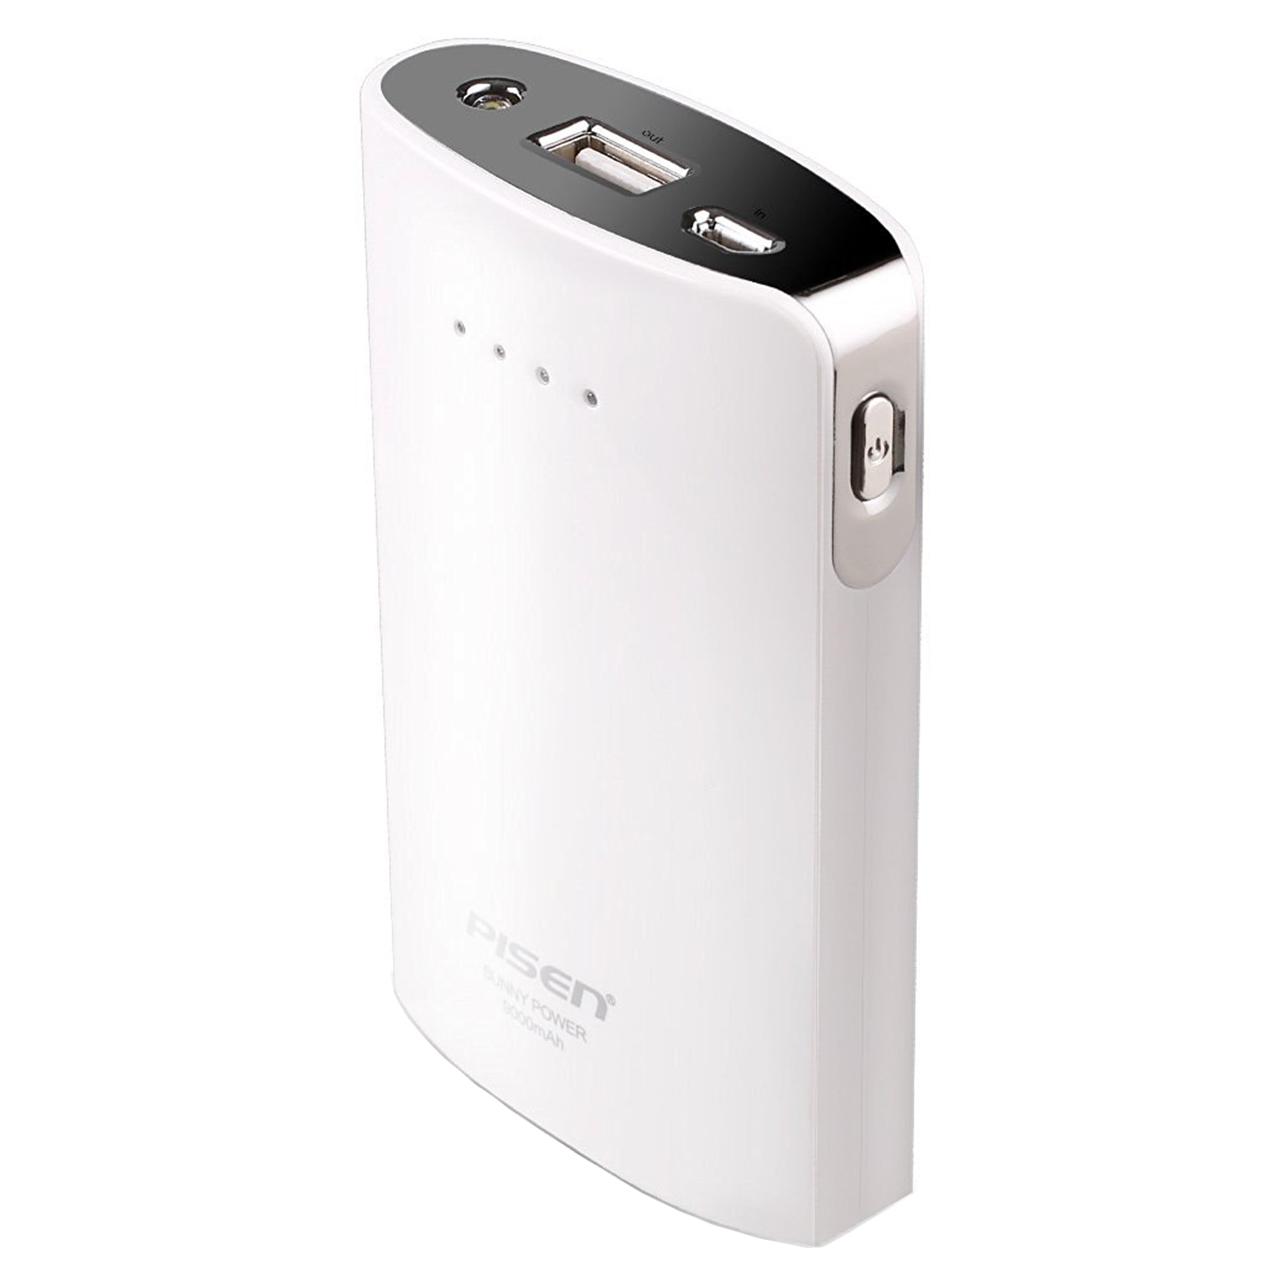 شارژر همراه پایزن مدل Sunny Power TS-D178 با ظرفیت 7500 میلی آمپر ساعت